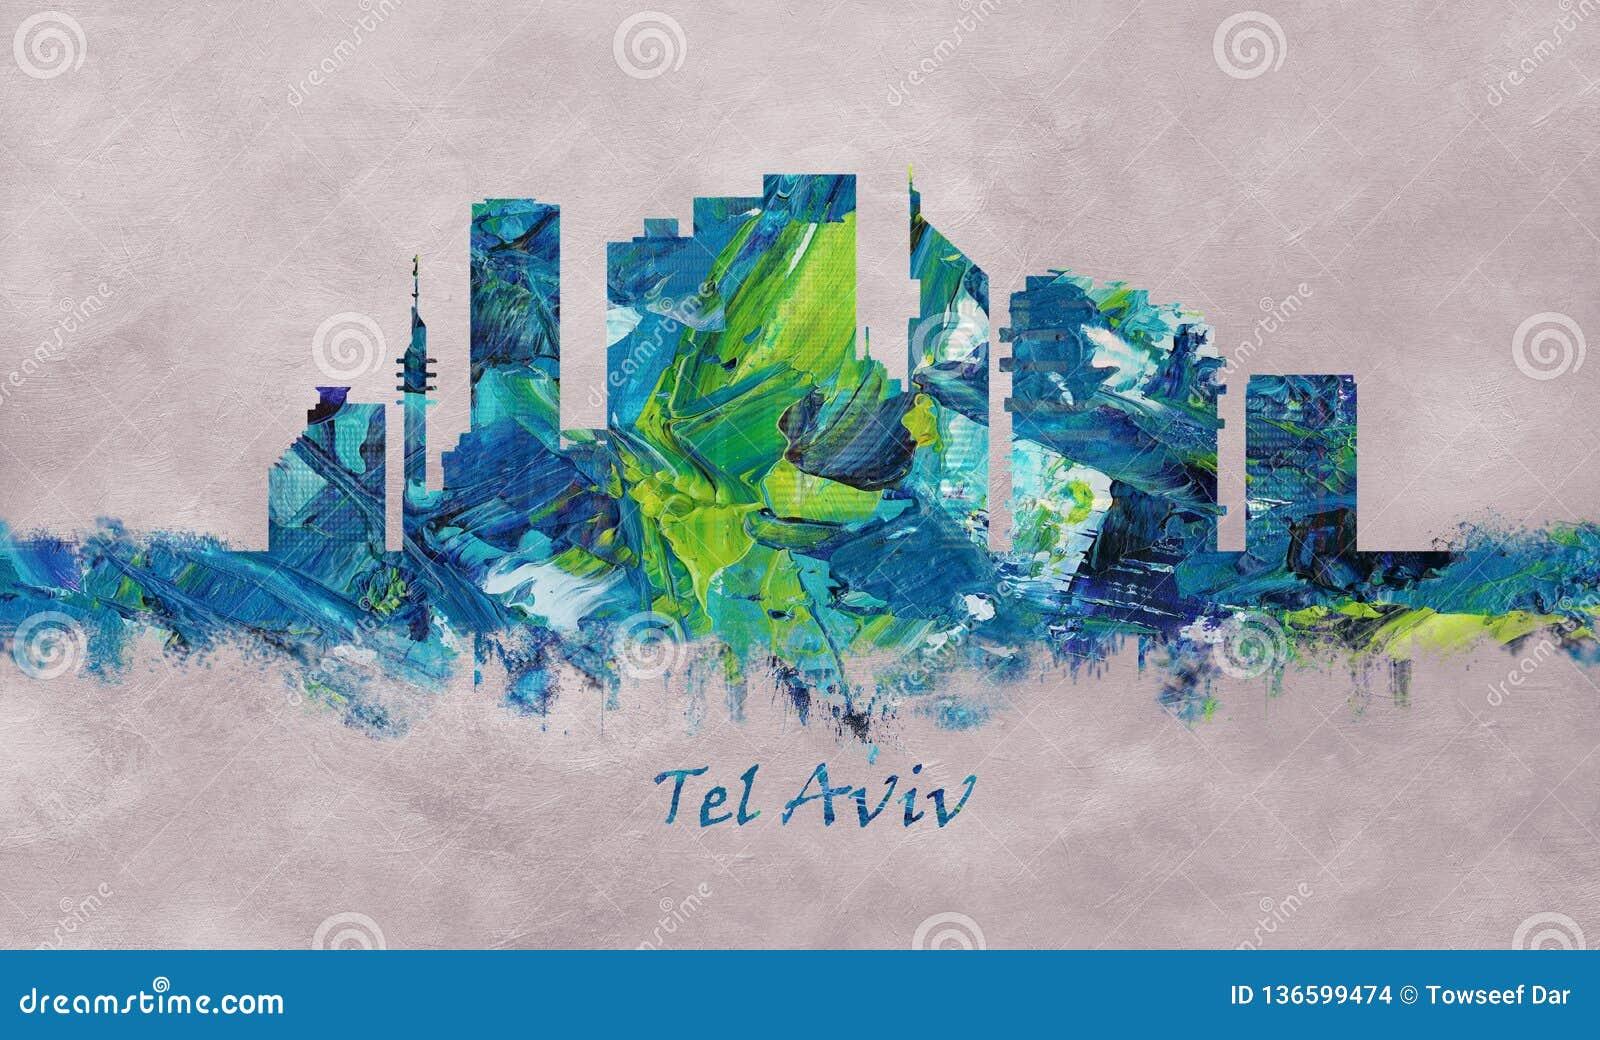 Tel. Aviv Israel Skyline